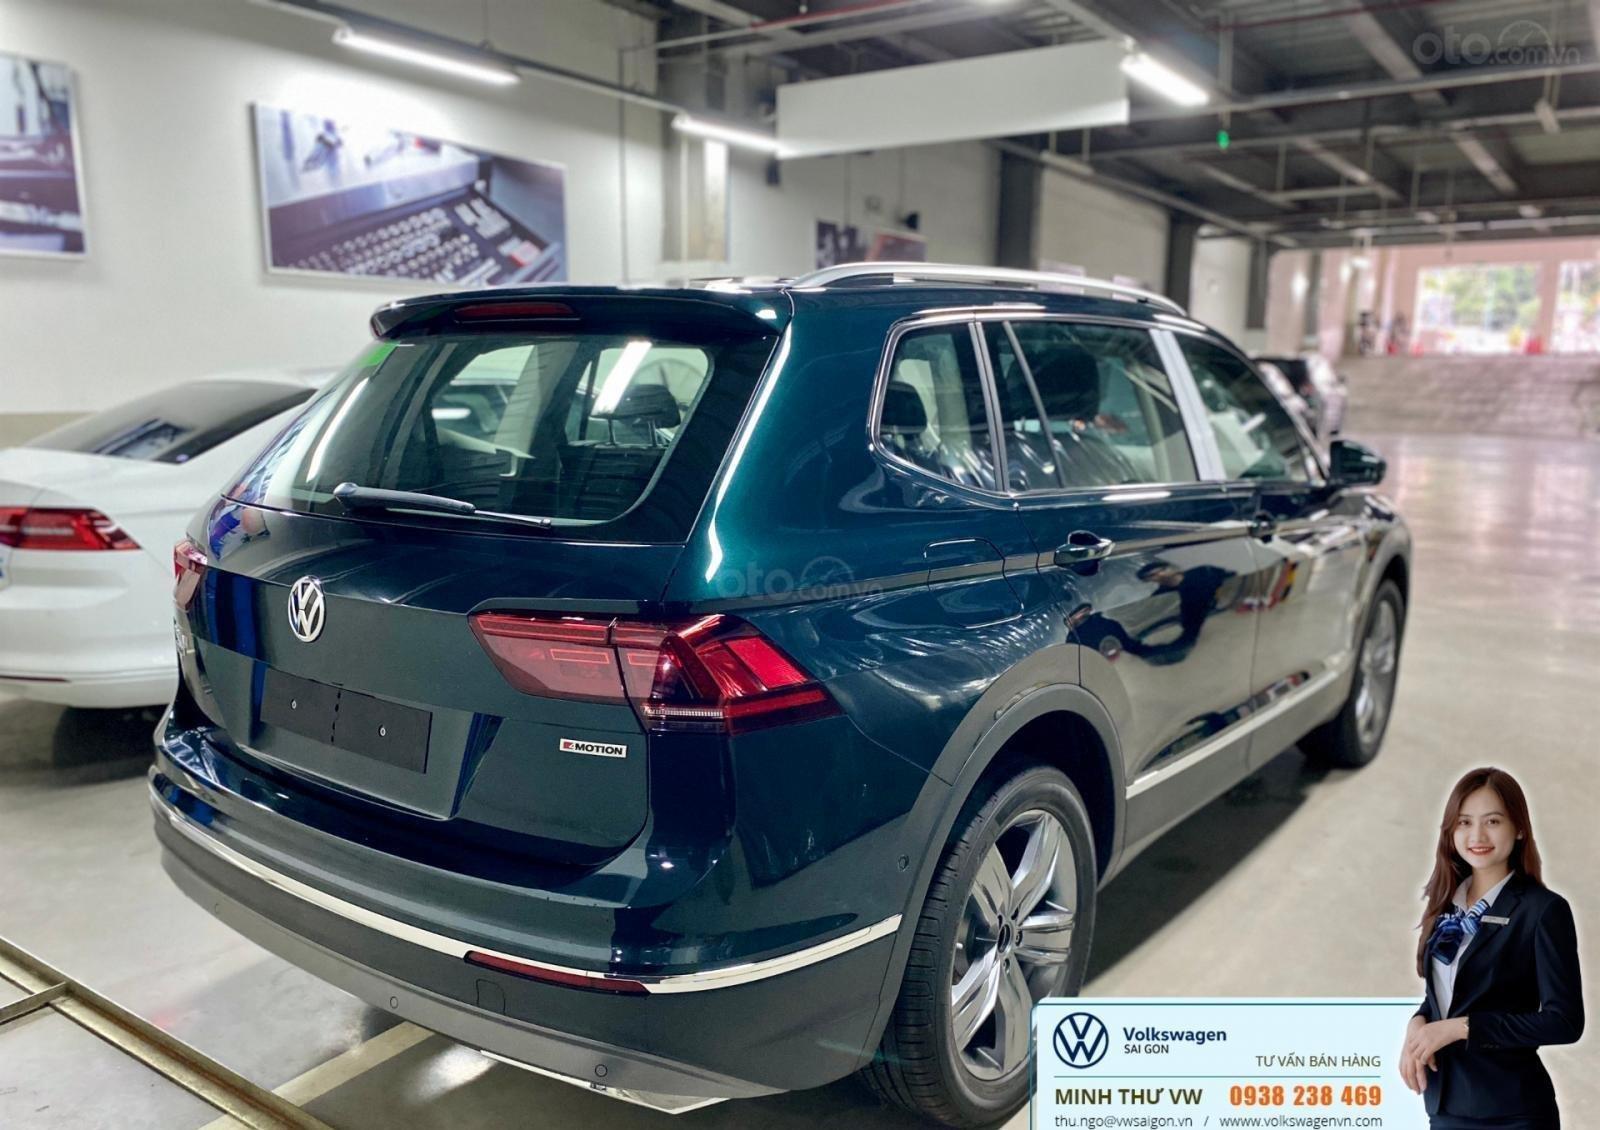 Khuyến mãi đặc biệt xe Tiguan Luxury màu xanh rêu màu độc hiếm có - Giao ngay  (3)